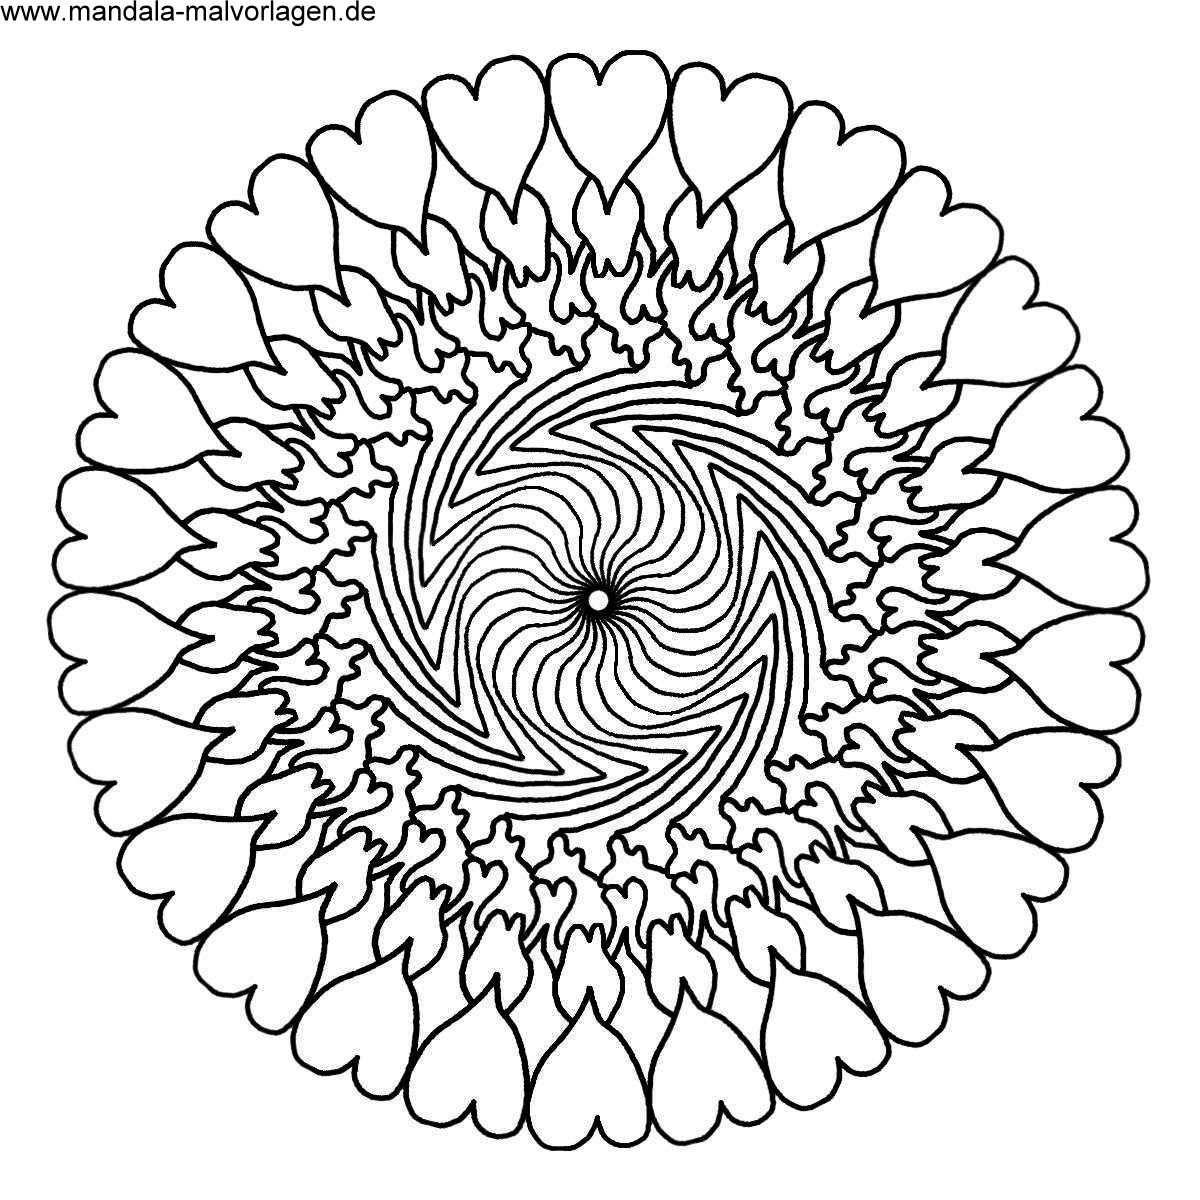 Malvorlagen Mandala Gratis Blatt Muster Mandala